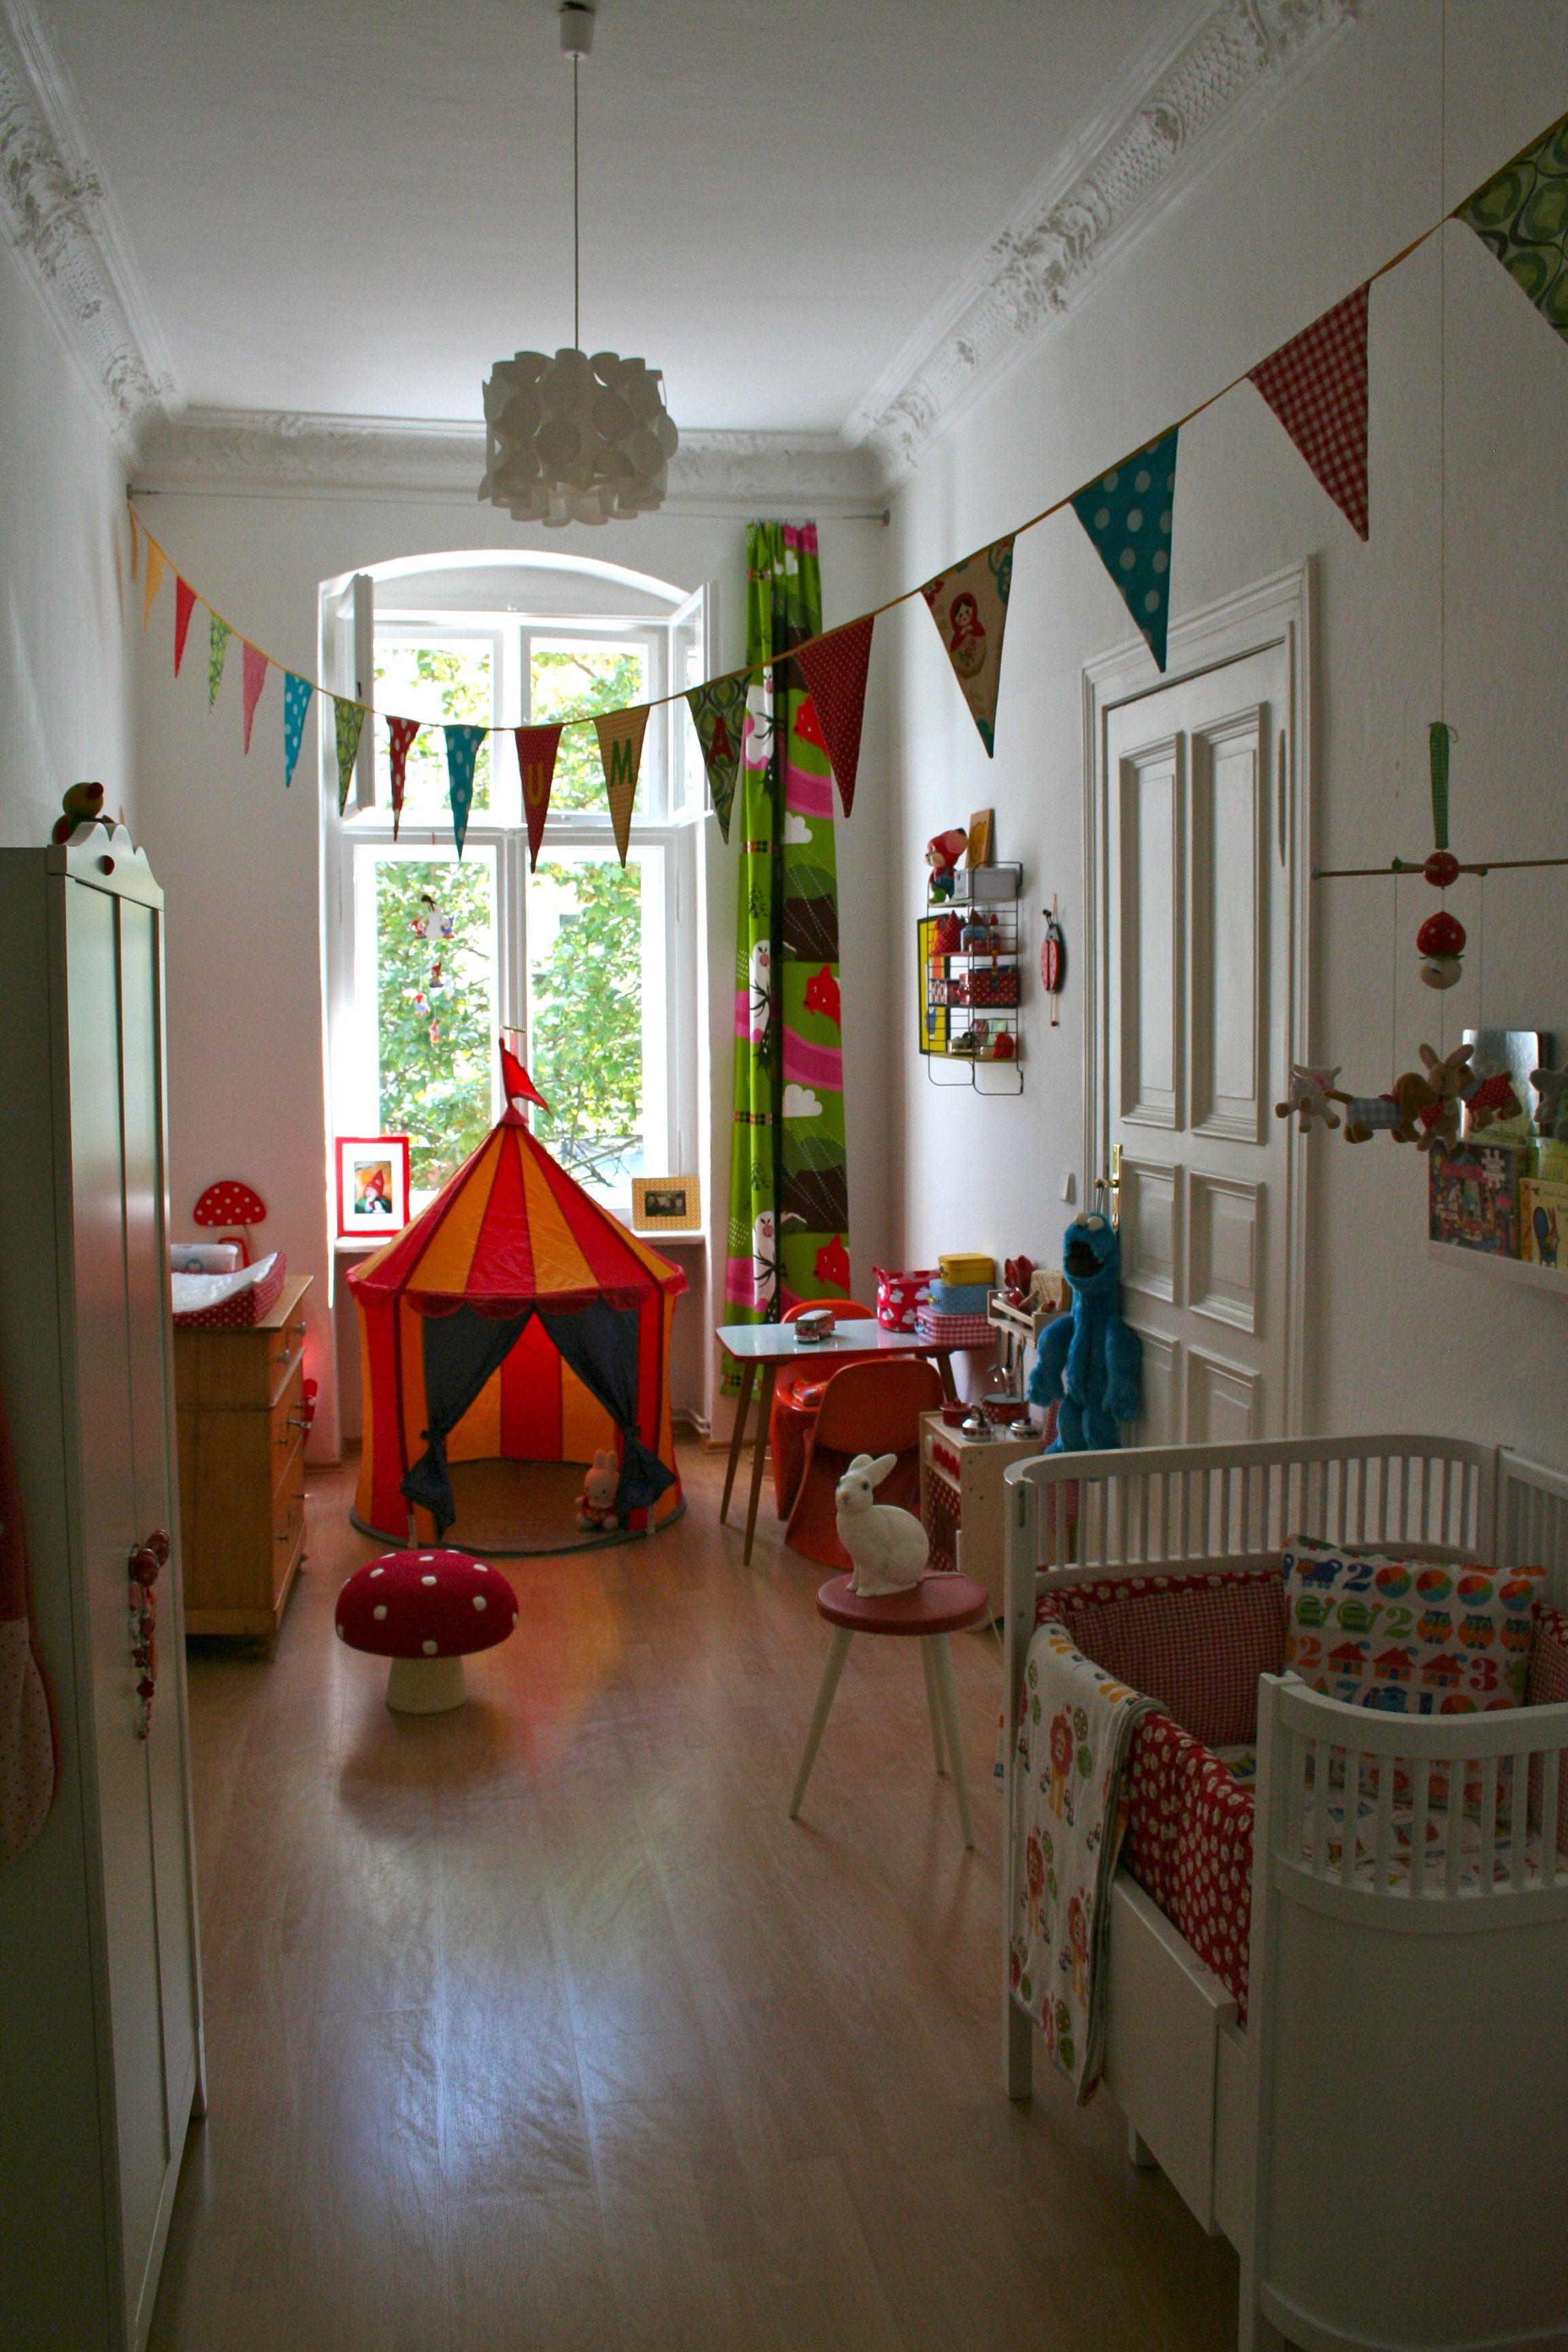 Zirkuszelt im kinderzimmer ideen rund ums haus for Baby kinderzimmer einrichten